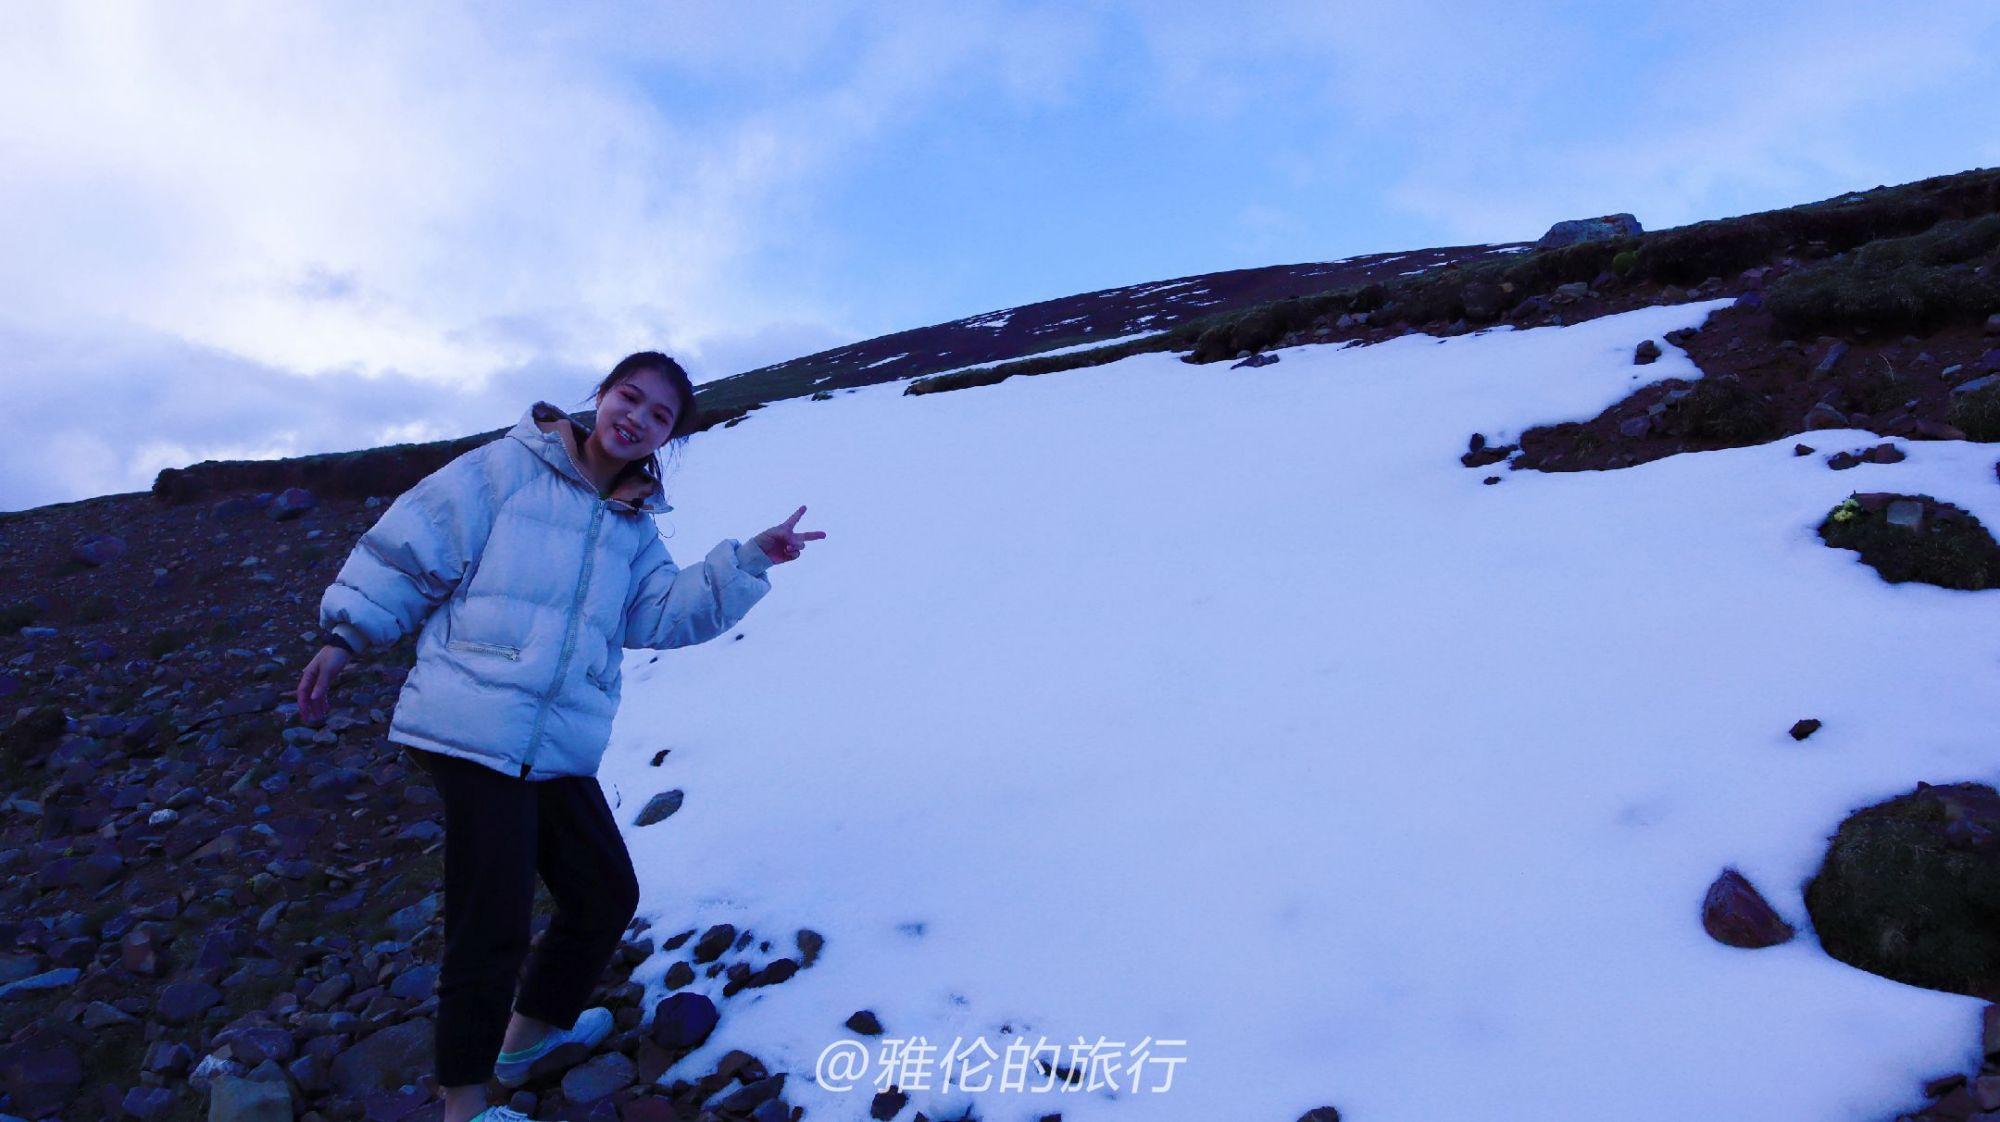 唐古拉山口海拔5231米,西藏青海两省神秘界山,一秒风雪一秒艳阳